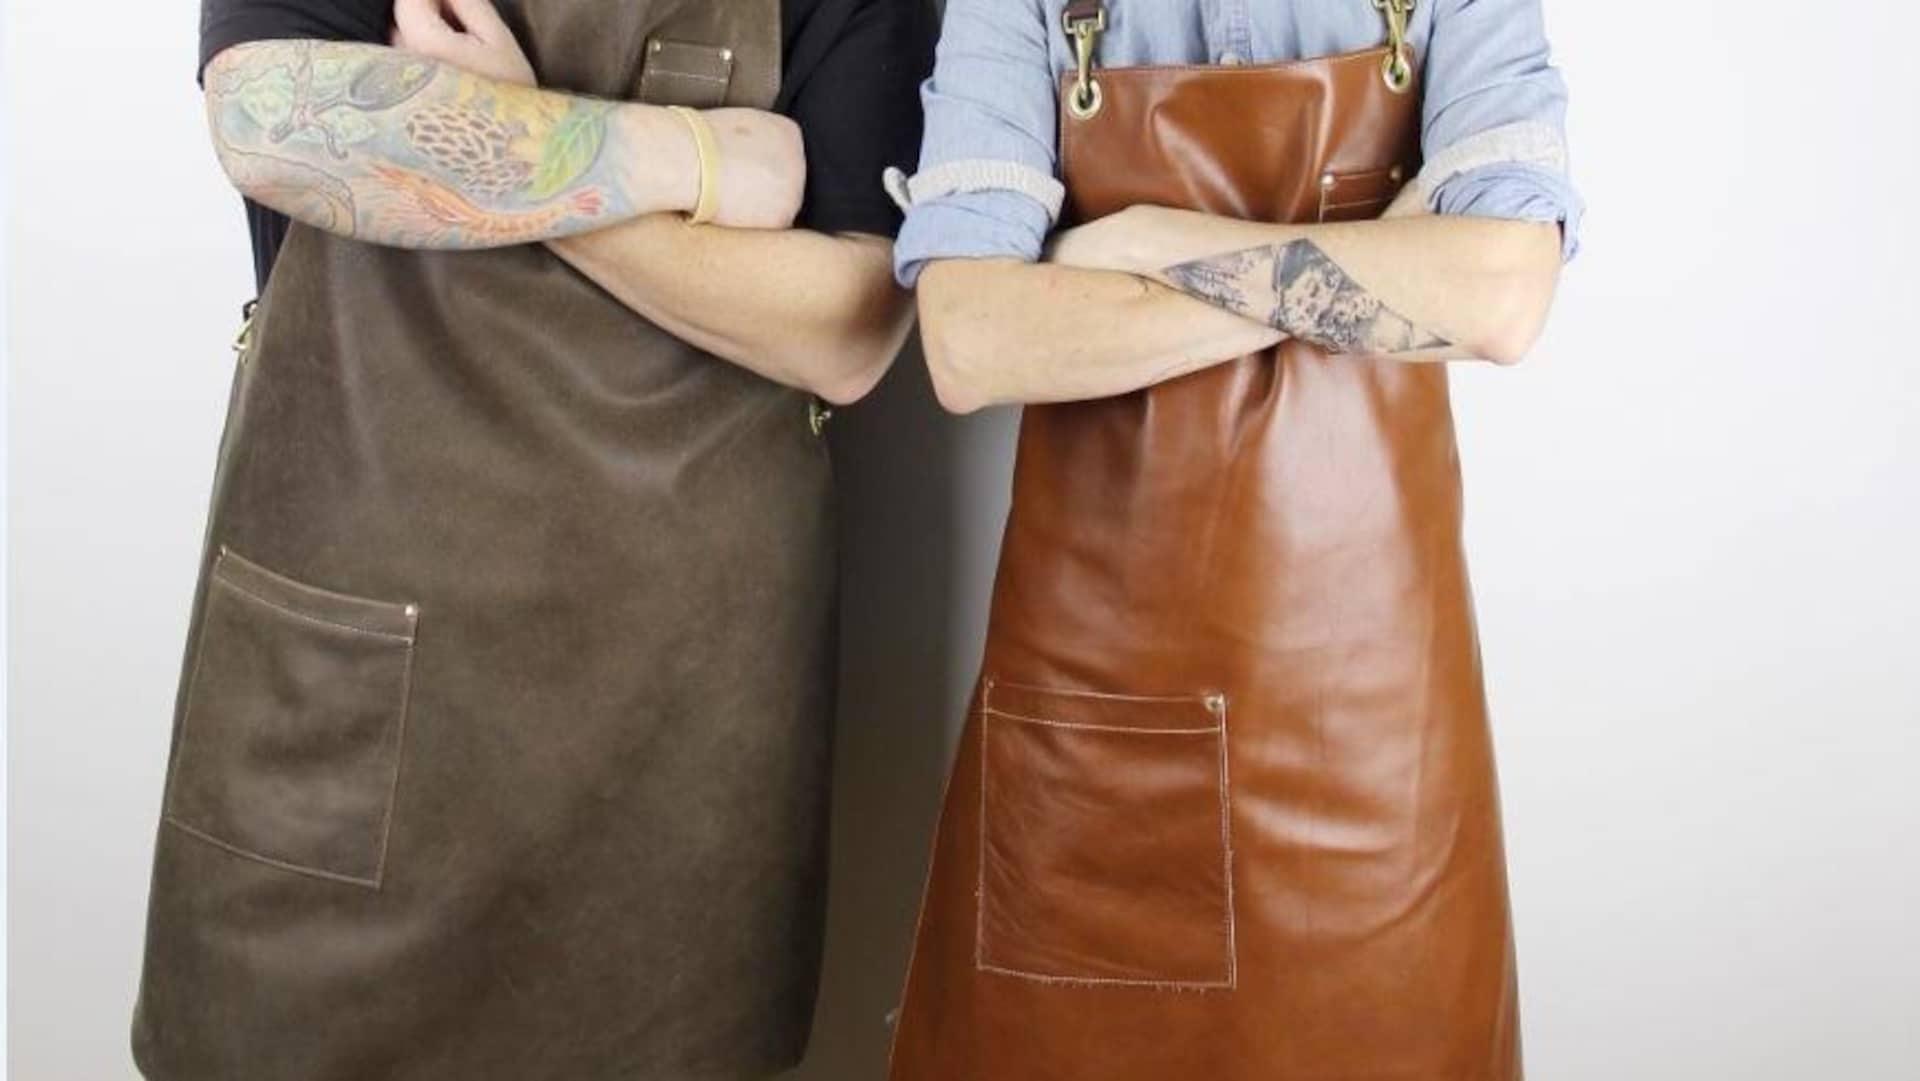 Deux personnes se tiennent debout et portent des tabliers en cuir dans les tons de bruns.